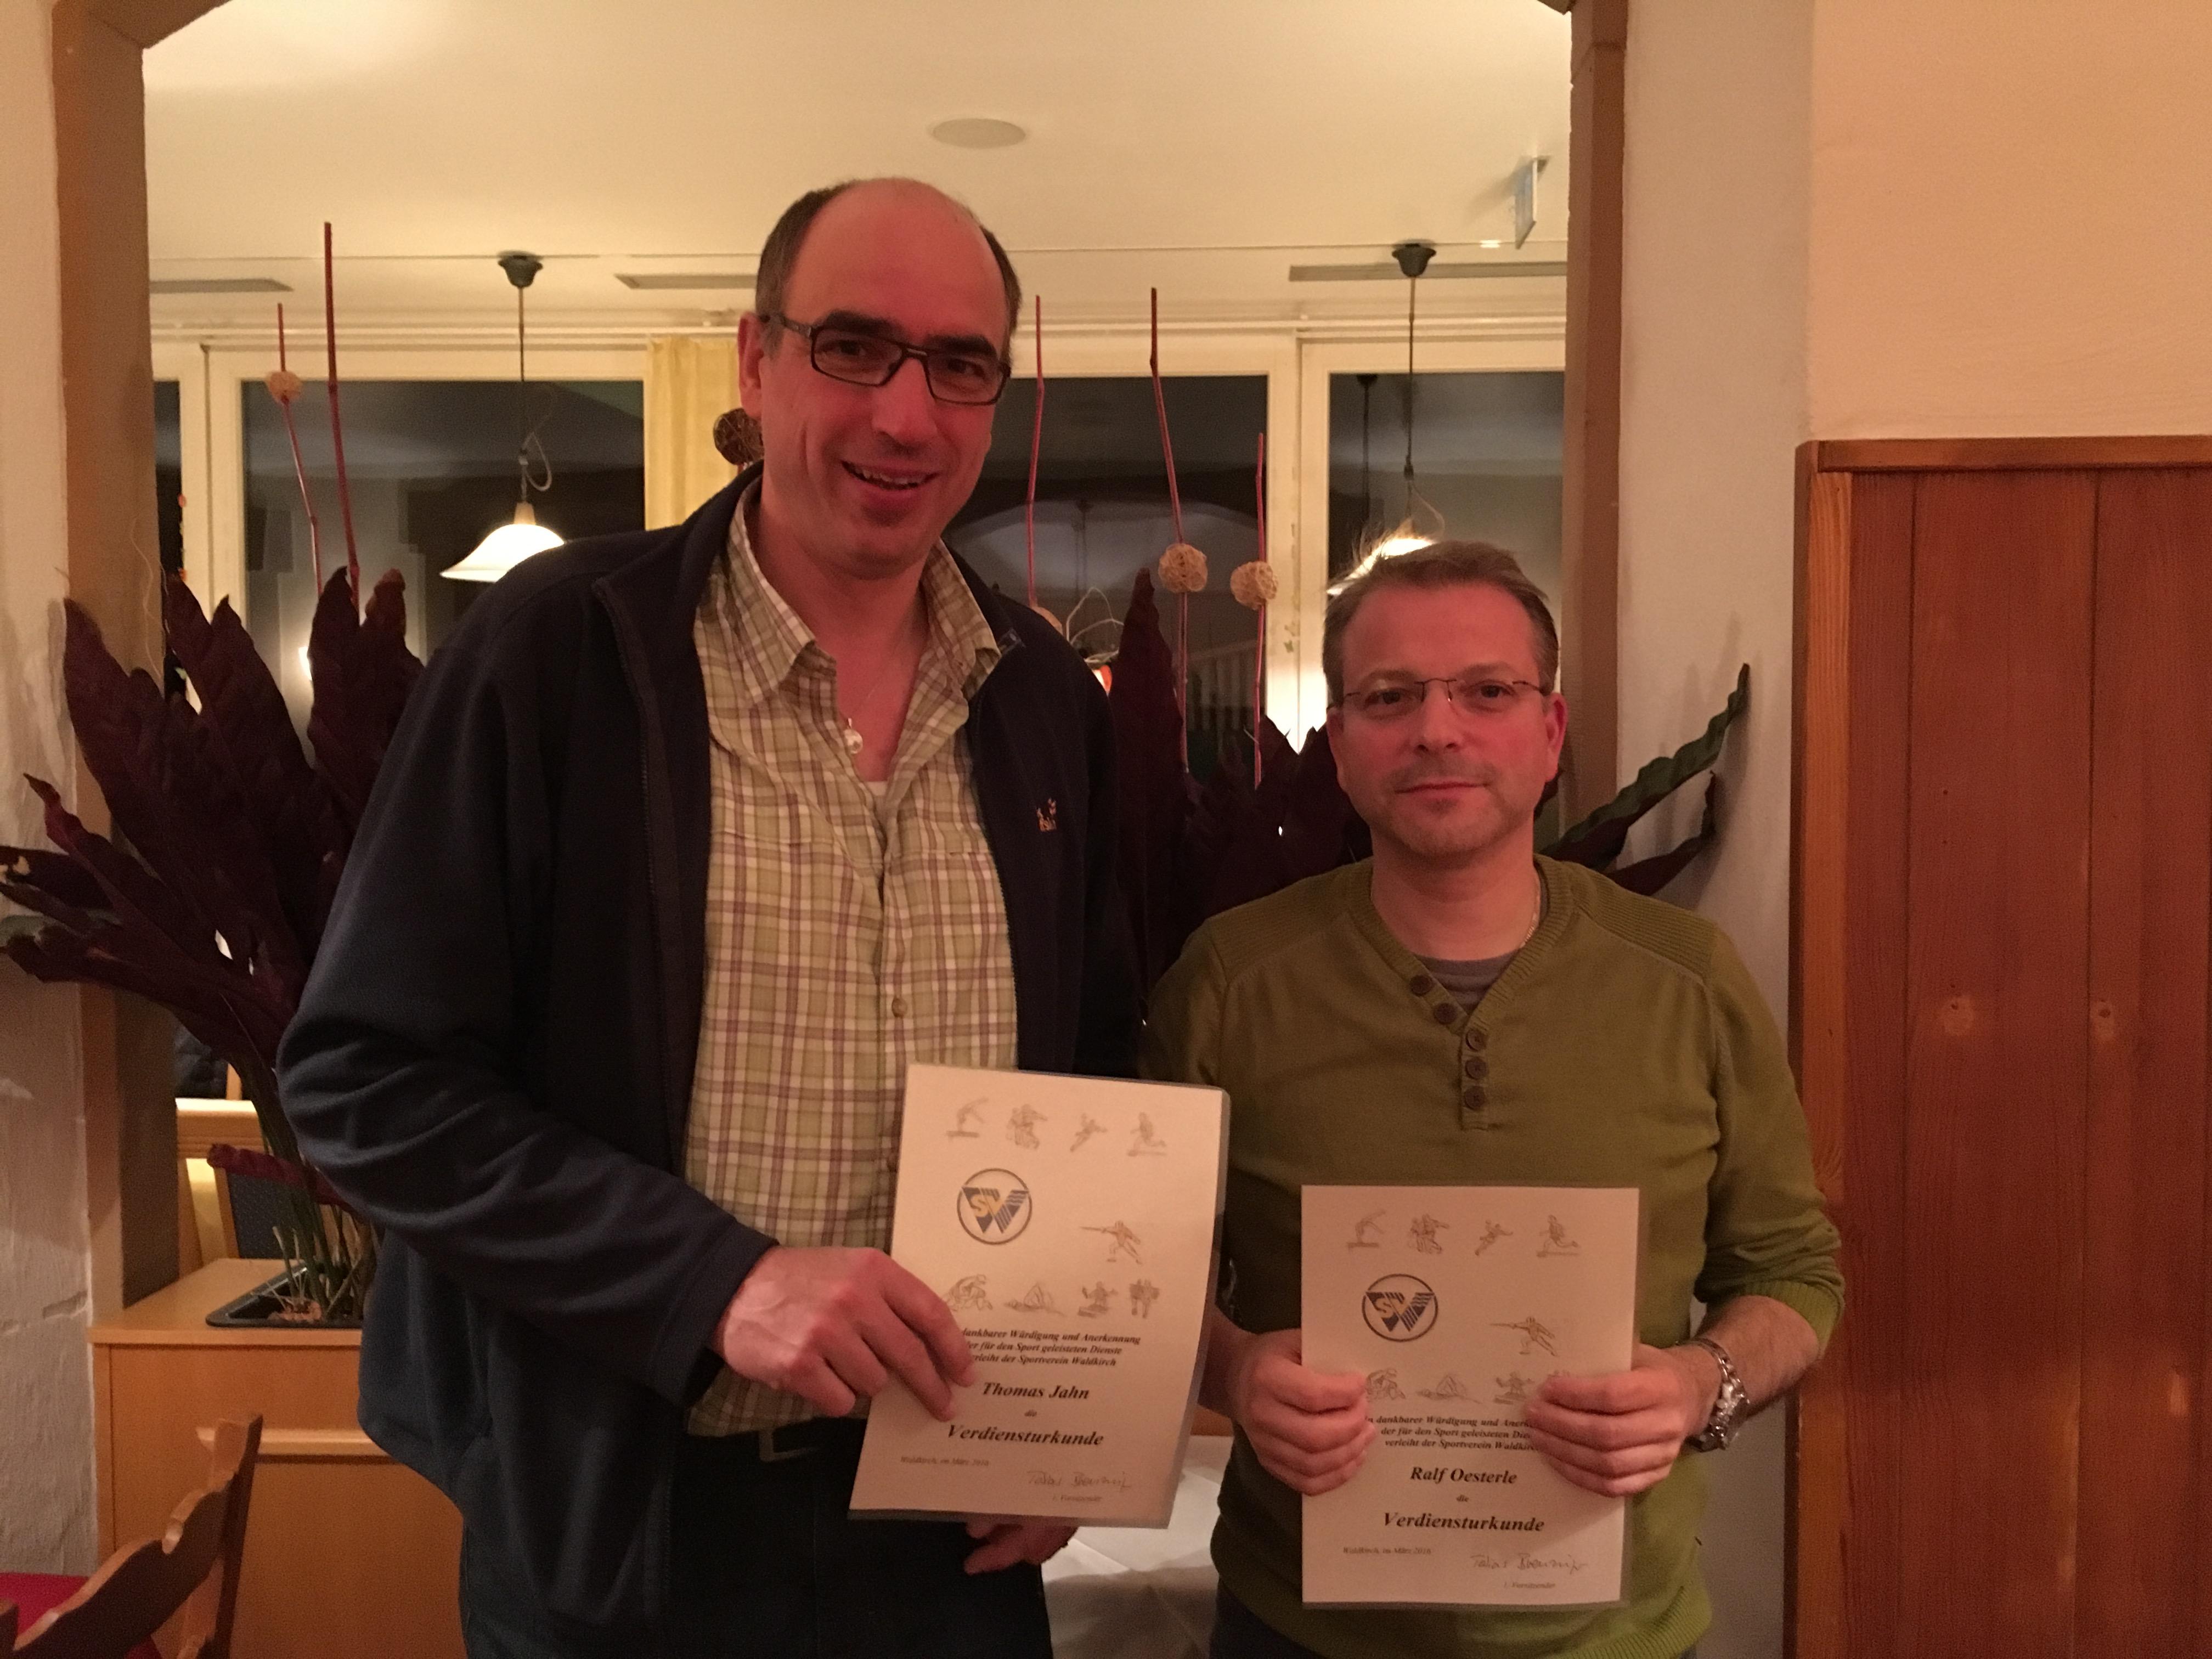 Verdiensturkunden Thomas Jahn und Ralf Oesterle 2016